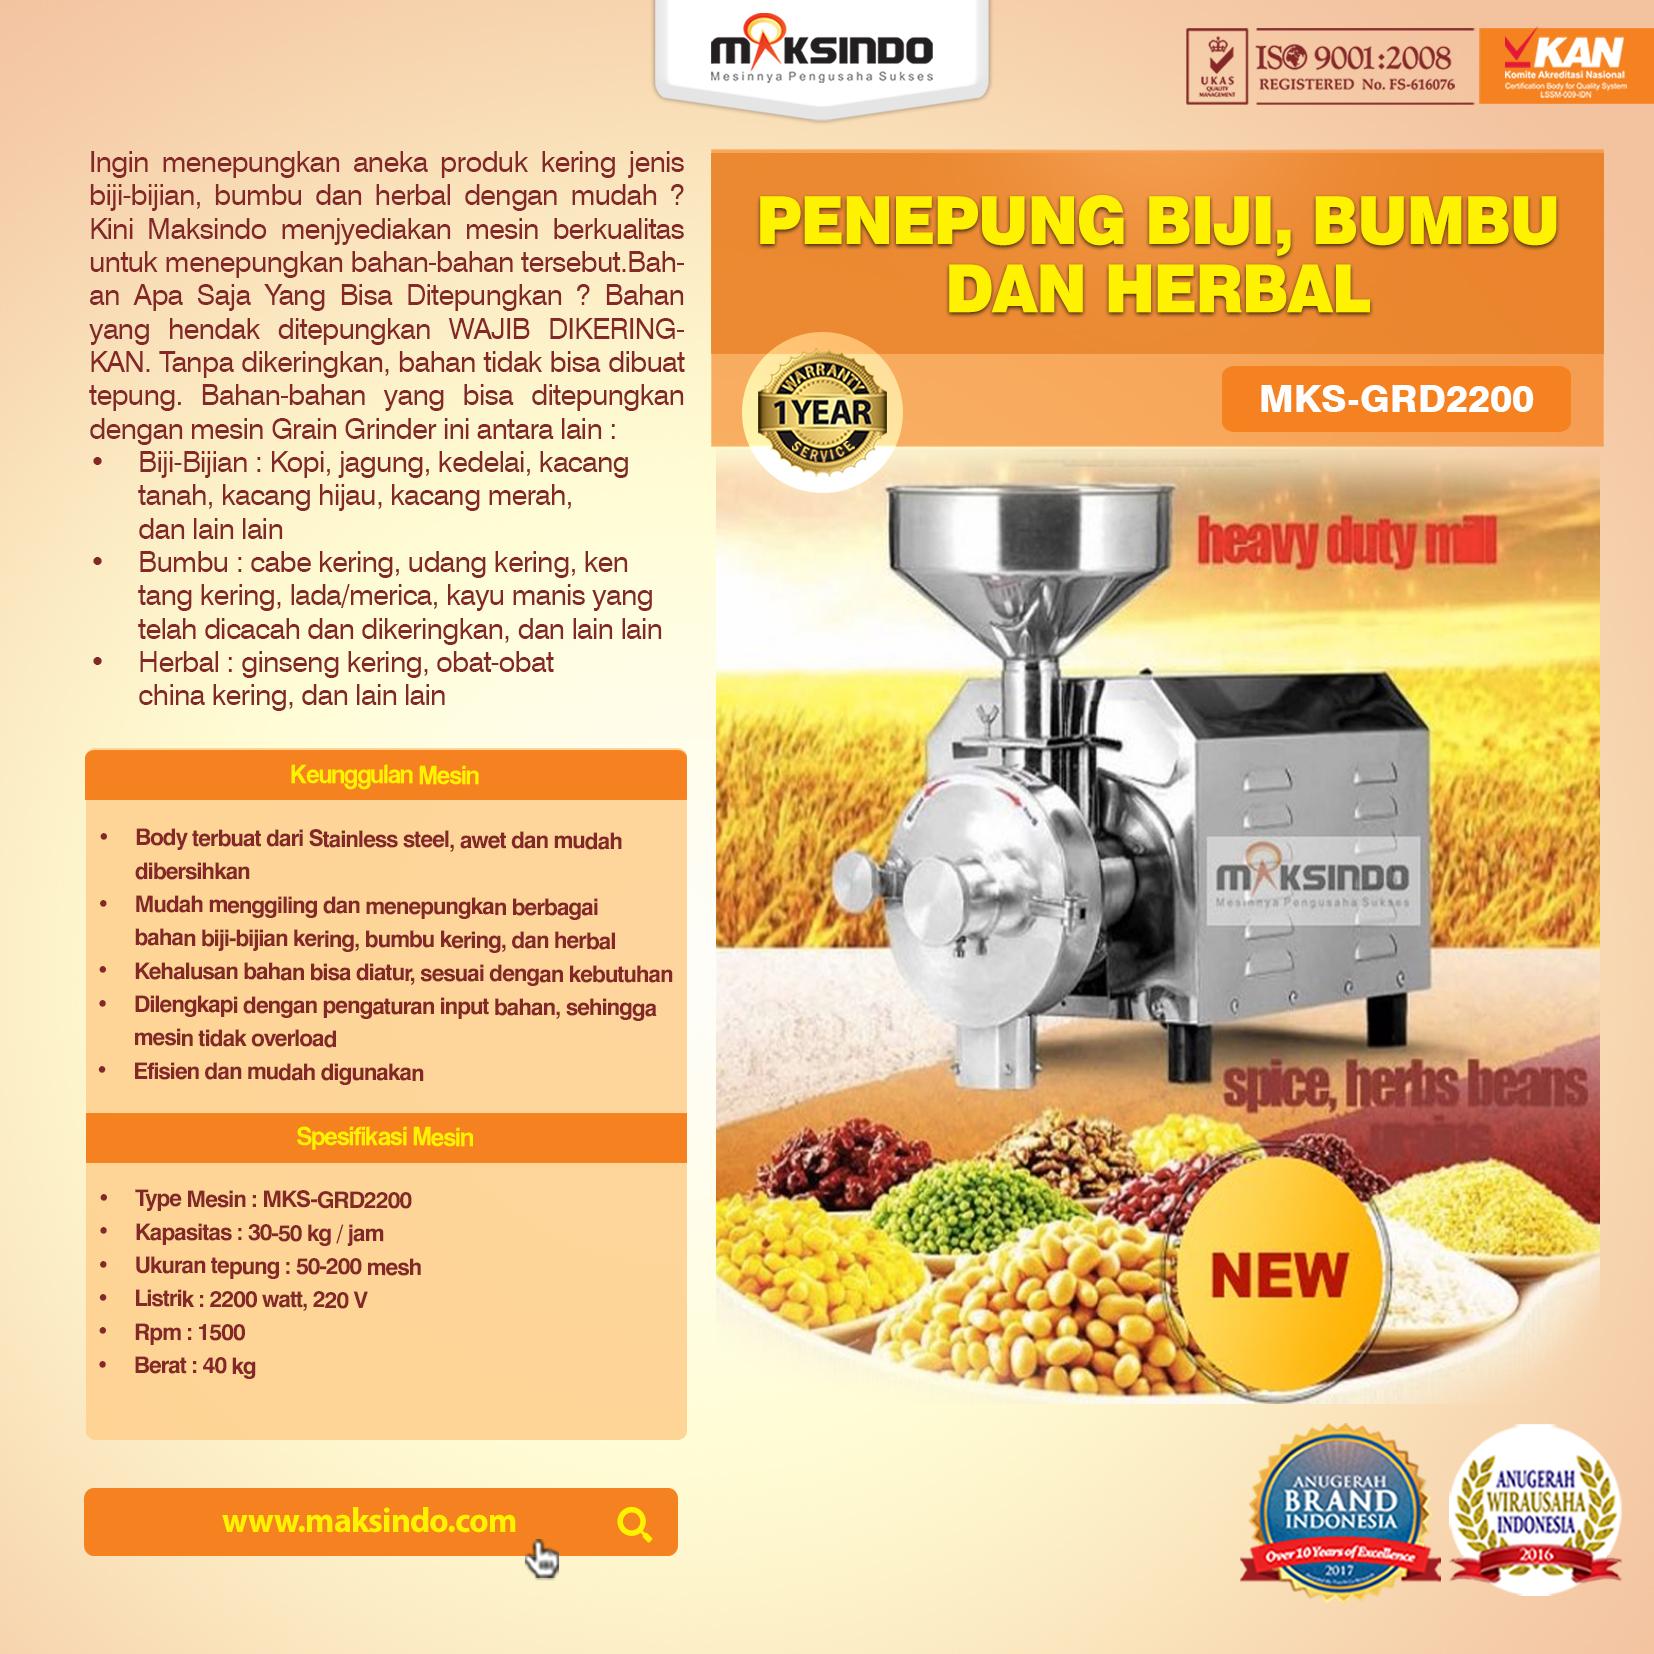 mesin Penepung Biji, Bumbu dan Herbal (GRD2200)